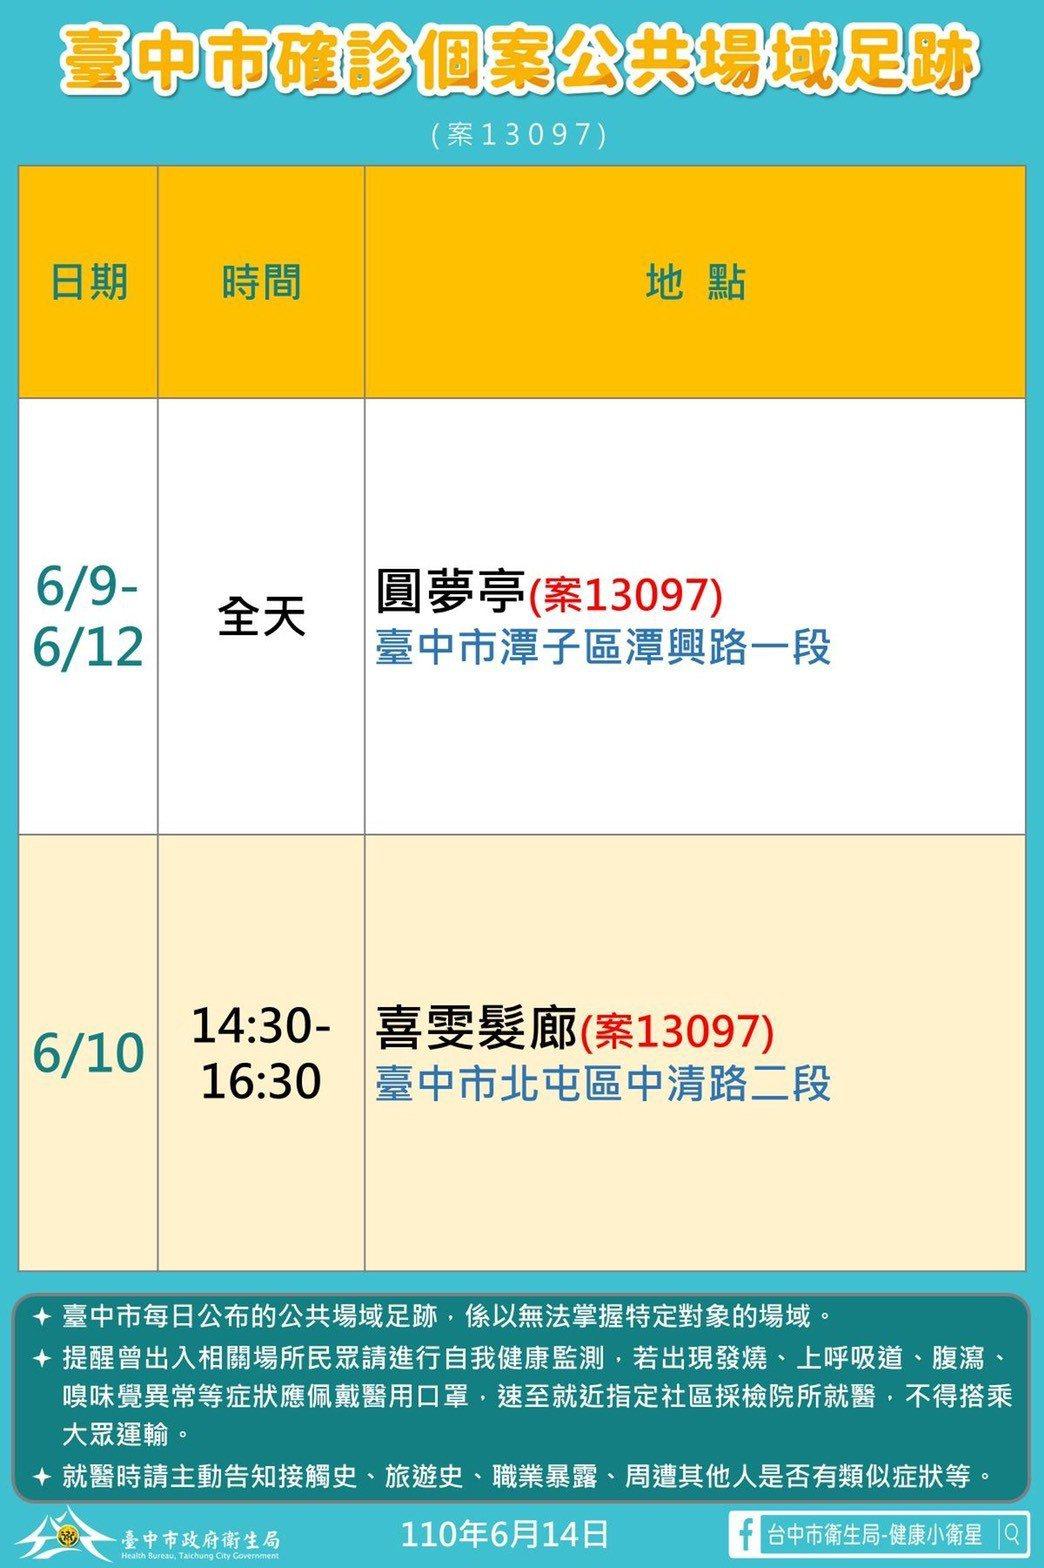 台中市今新增1名本土確診案例,是潭子區70歲「圓夢亭卡拉OK店」老闆娘案1309...